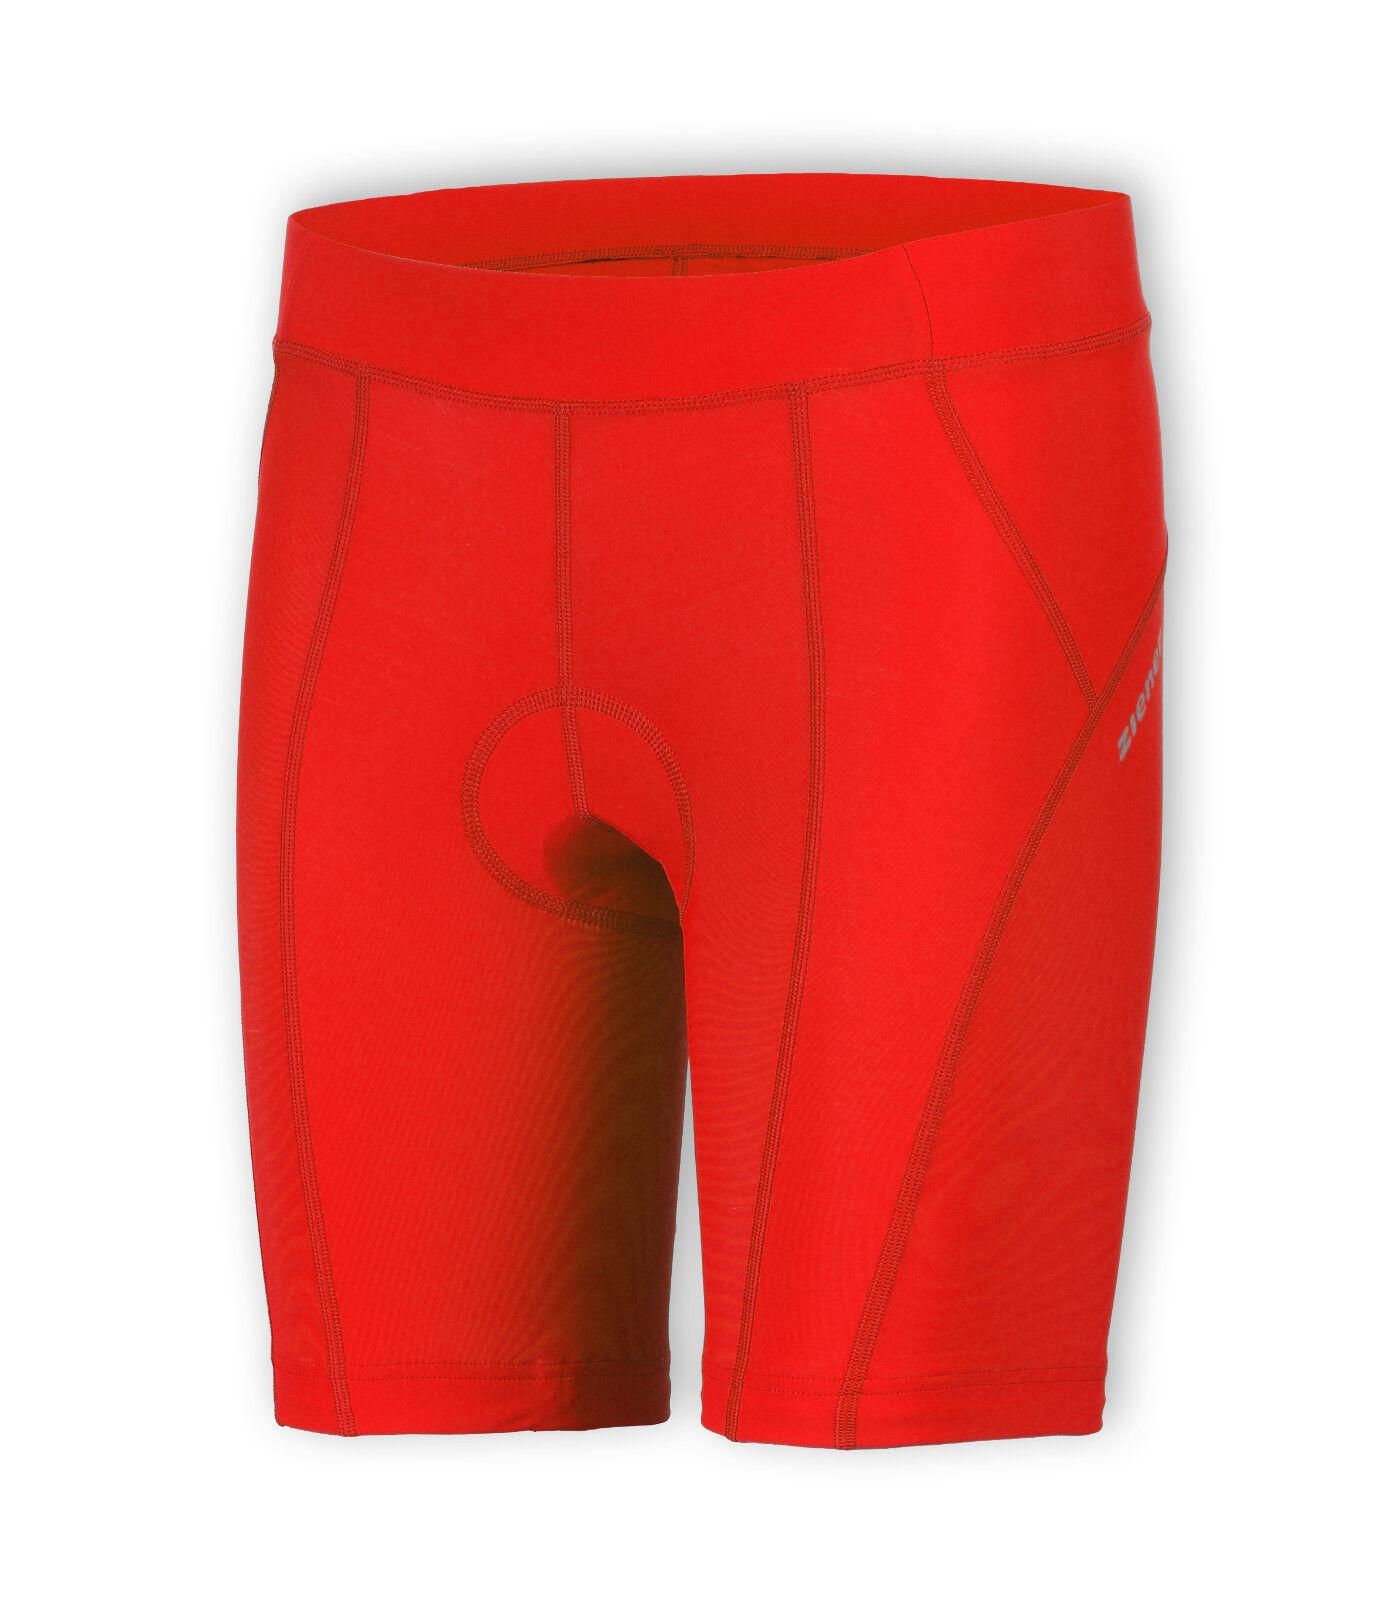 Ziener Mujeres Bicicleta Pantalones Ciclista Ajustado Chocci Rojo 888 Nuevo Nuevo Nuevo  elige tu favorito